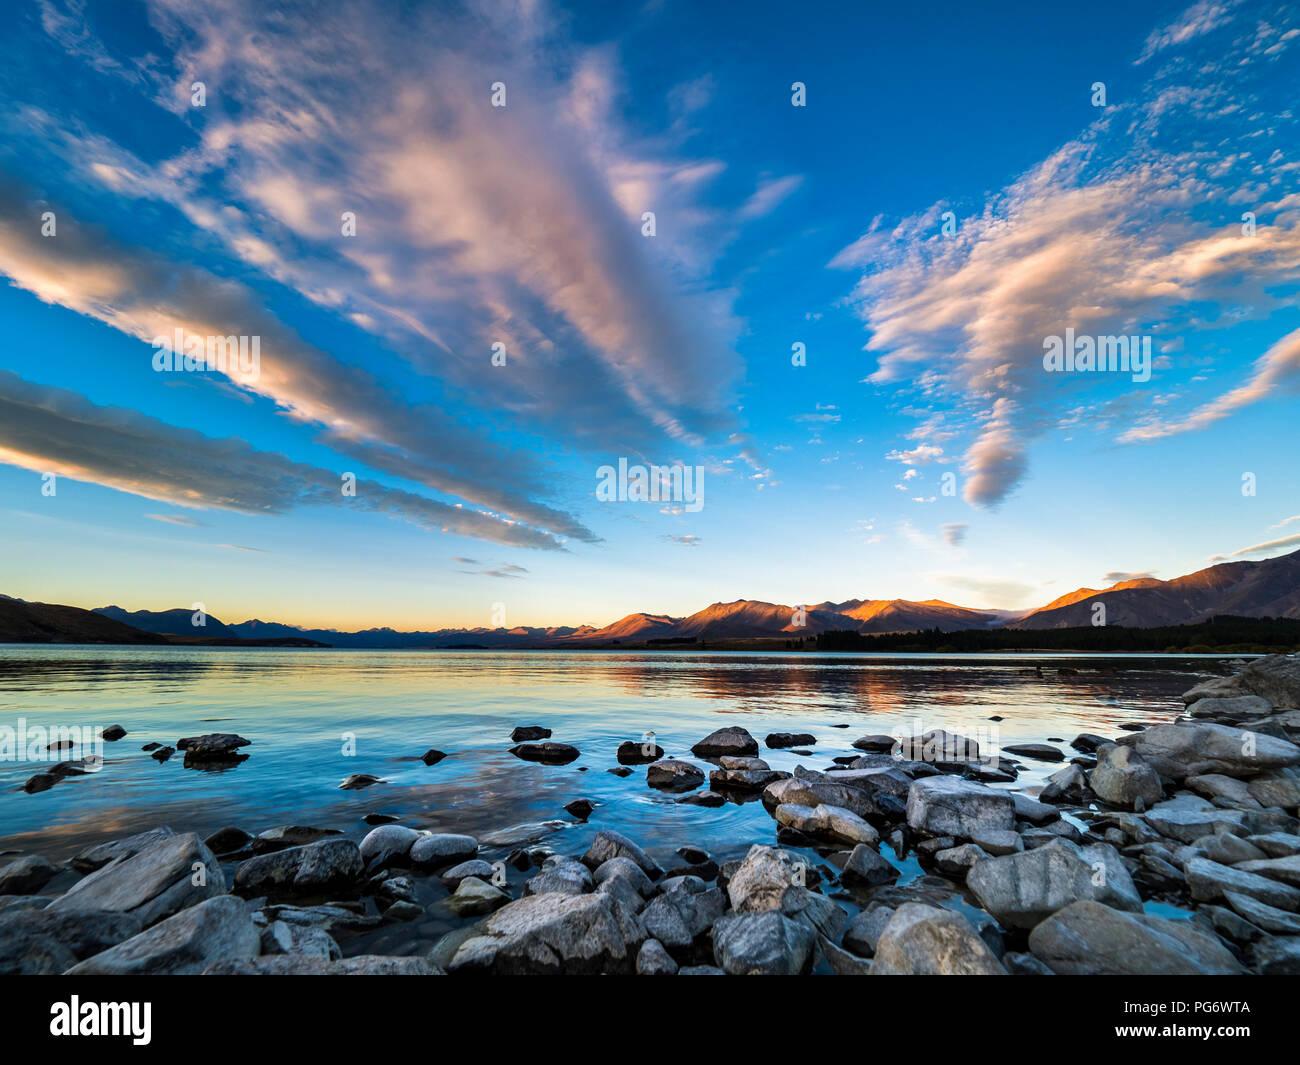 New Zealand, South Island, Canterbury Region, Lake Tekapo at sunset - Stock Image